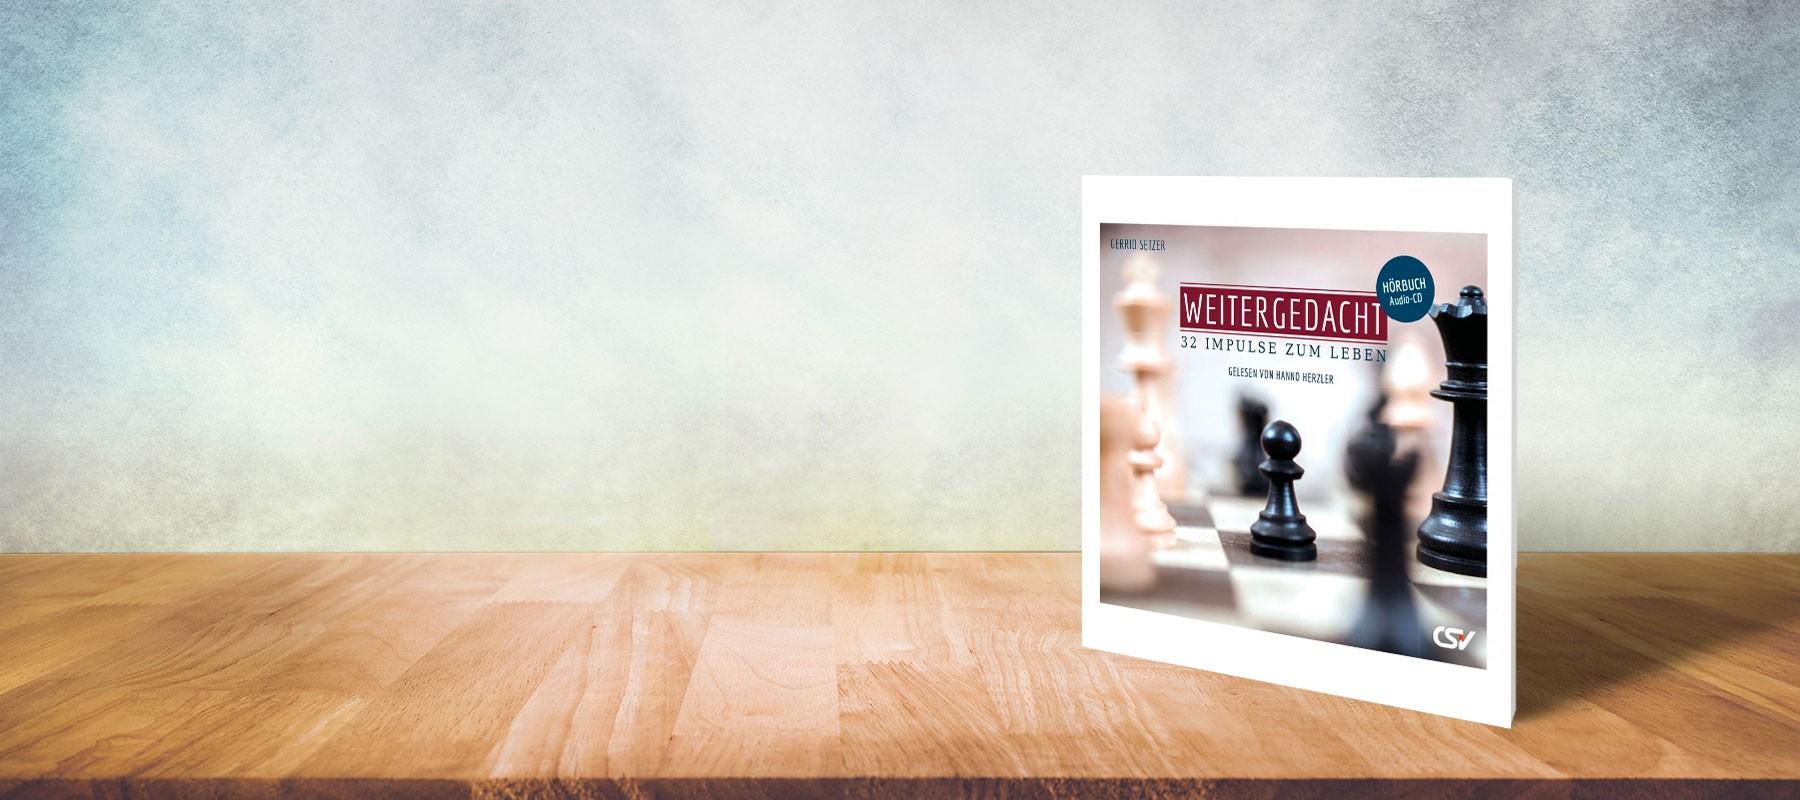 Vergrößern Weitergedacht (Hörbuch-CD)